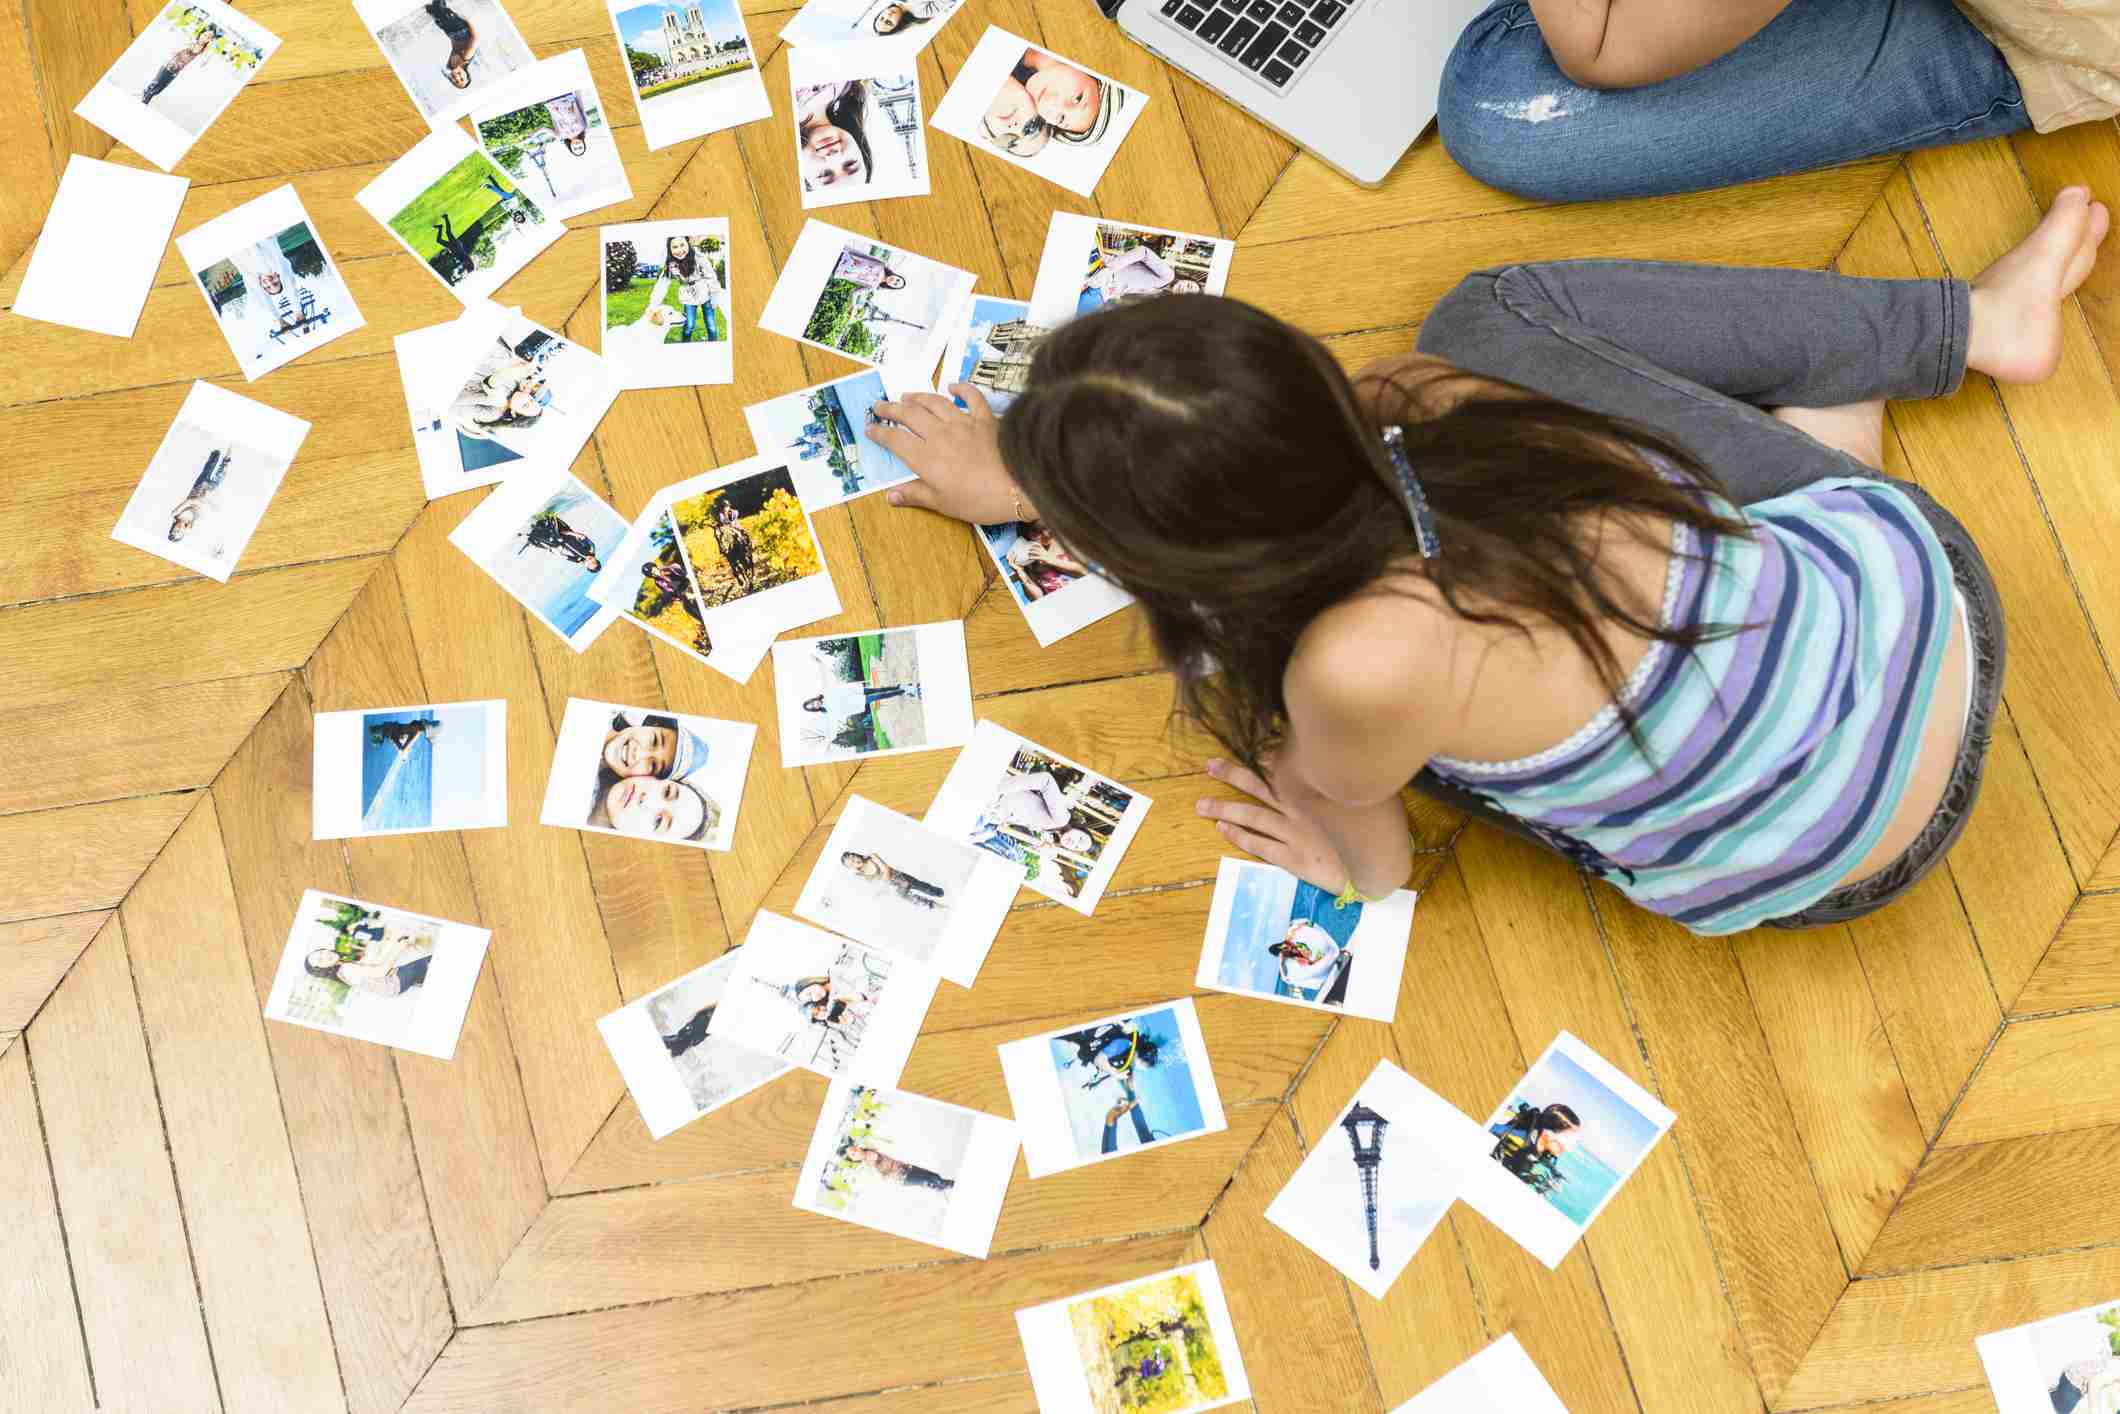 Kids printing photos